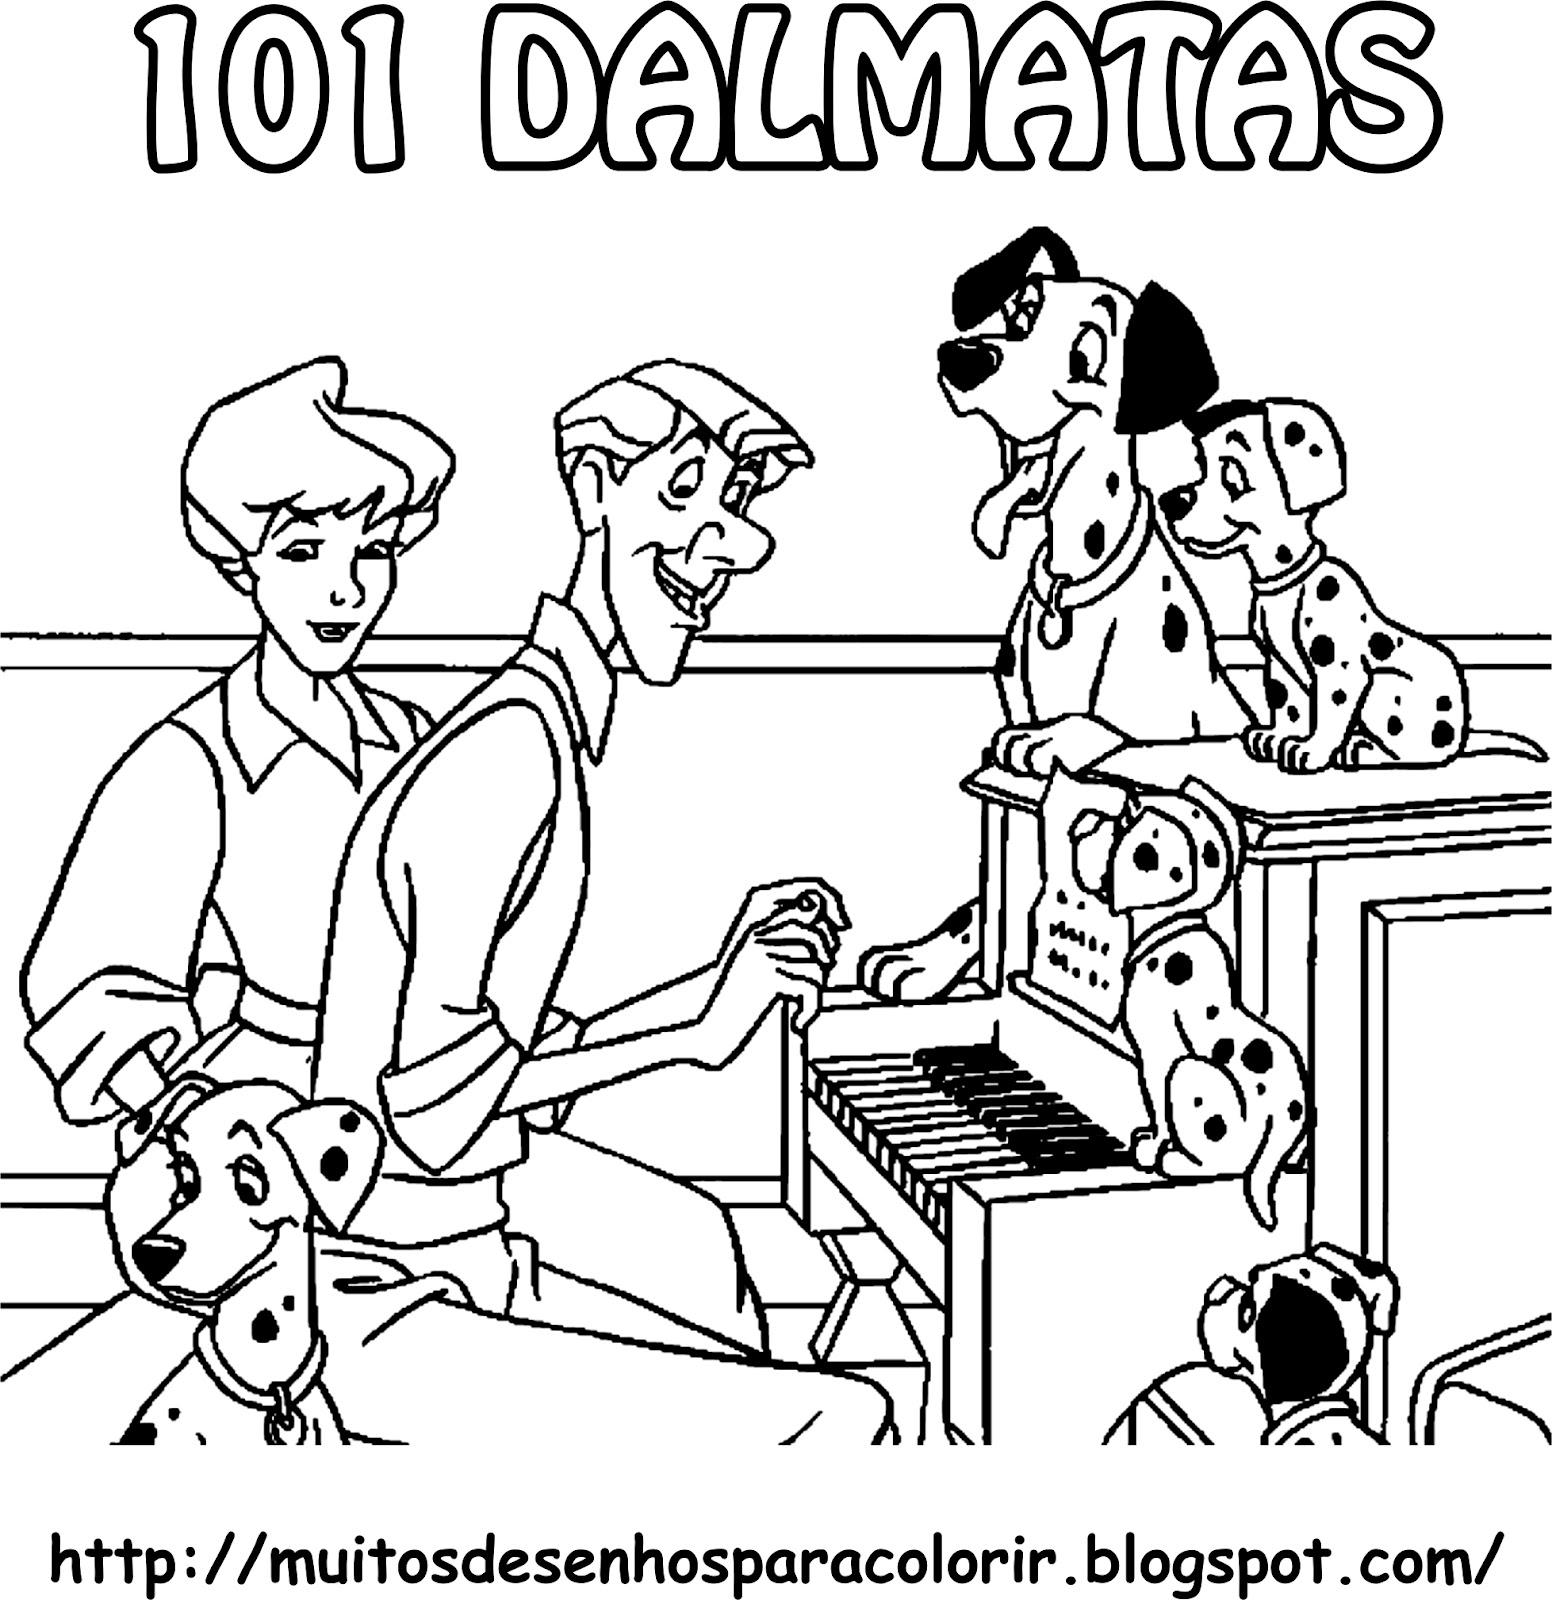 Desenhos Para Colorir: 101 Dalmatas